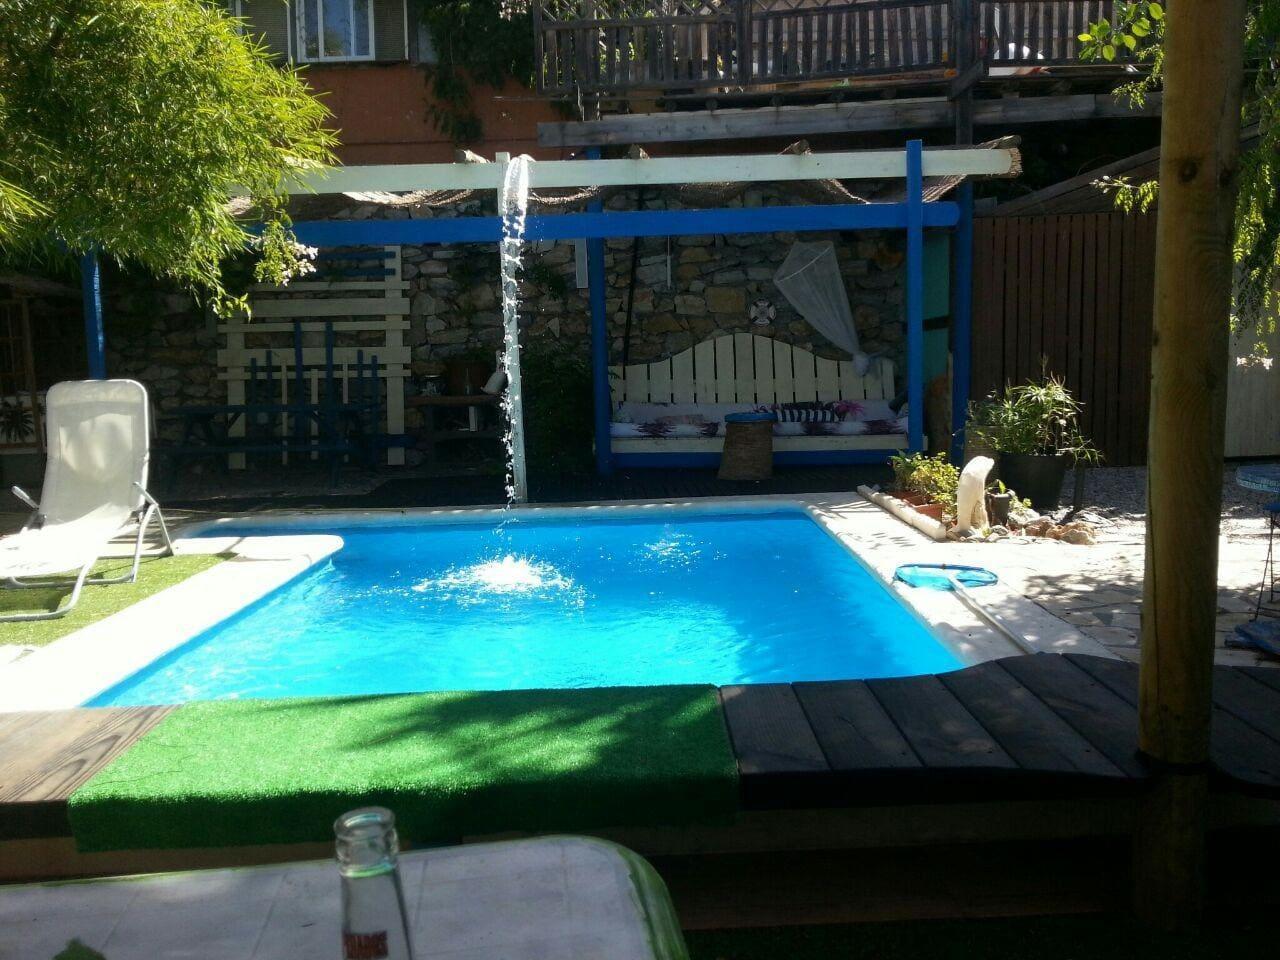 Alquiler vacaciones en Motril, Granada